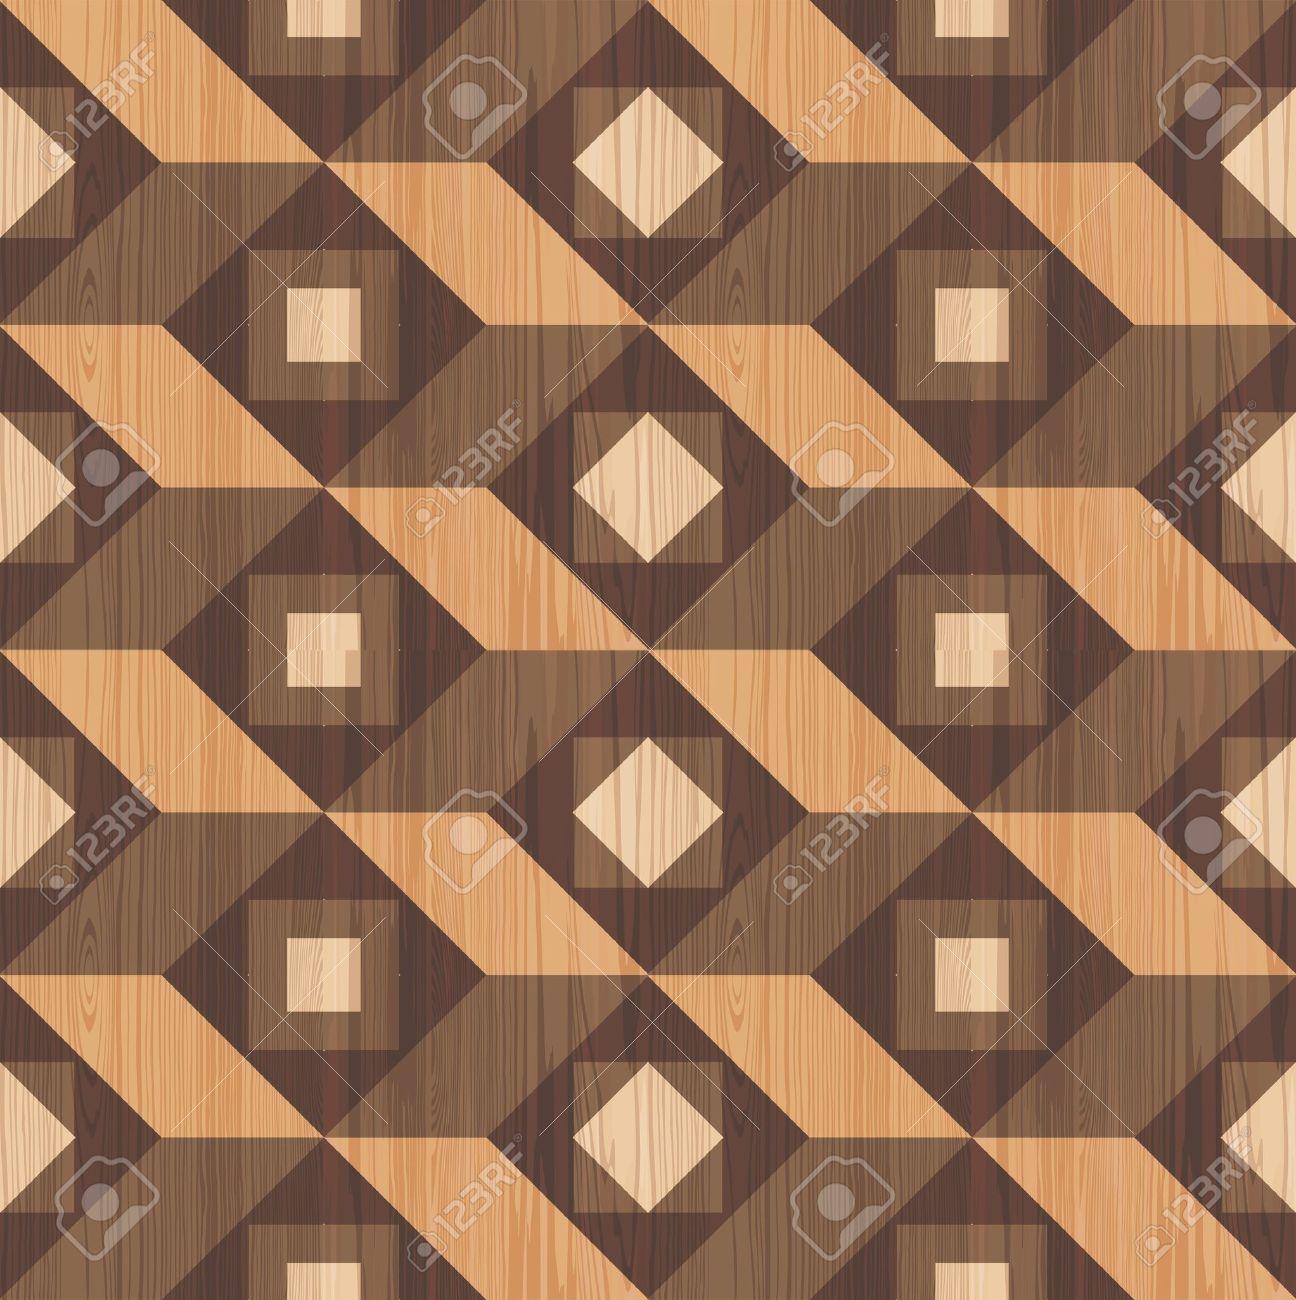 Mosaic Wooden Parquet Texture Seamless Pattern Lizenzfrei Nutzbare ...